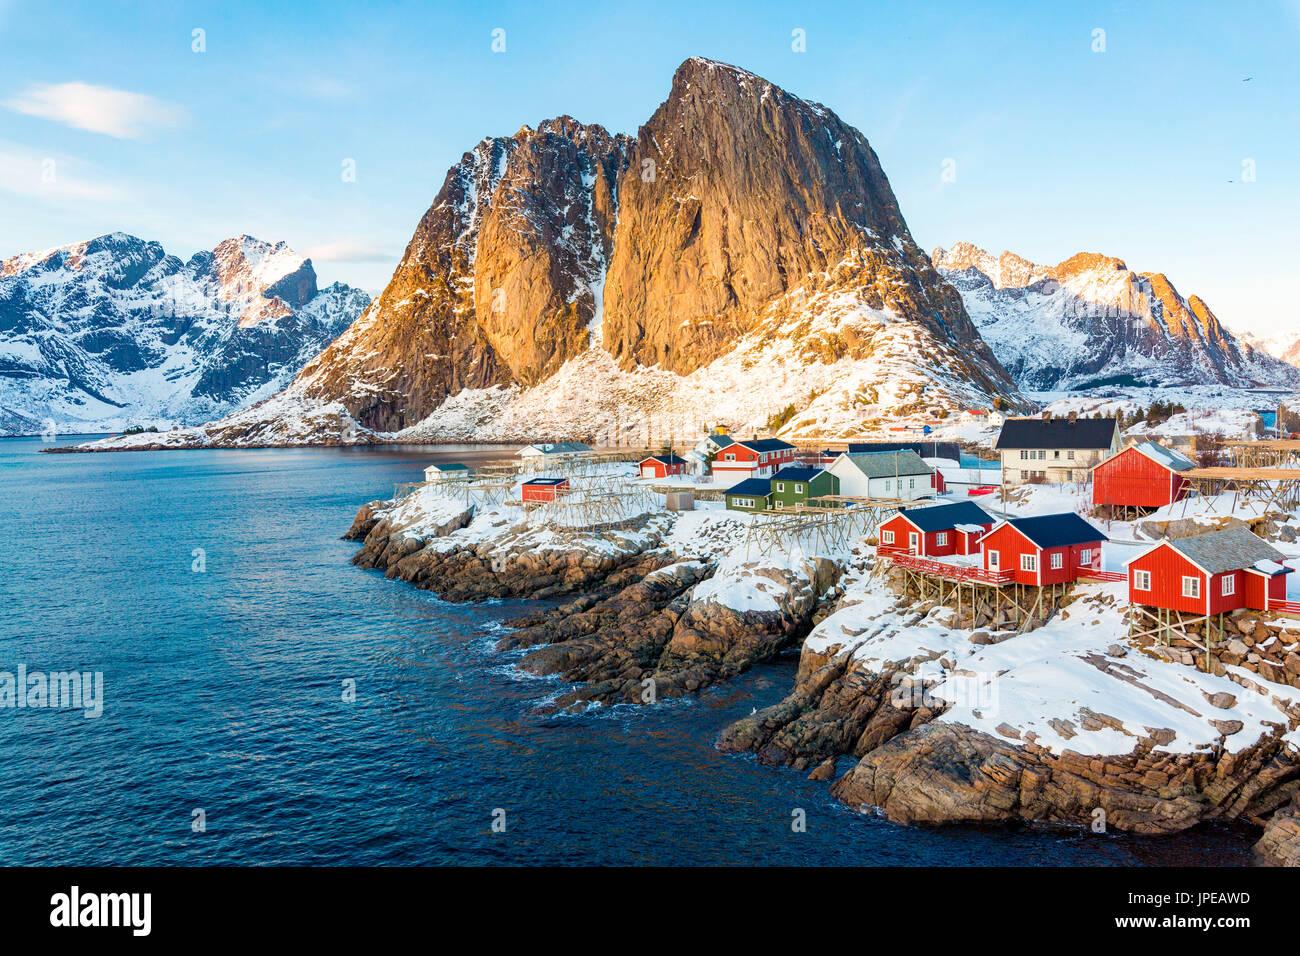 Hamnoy, isole Lofoten in Norvegia. inverno vista in una giornata di sole Foto Stock